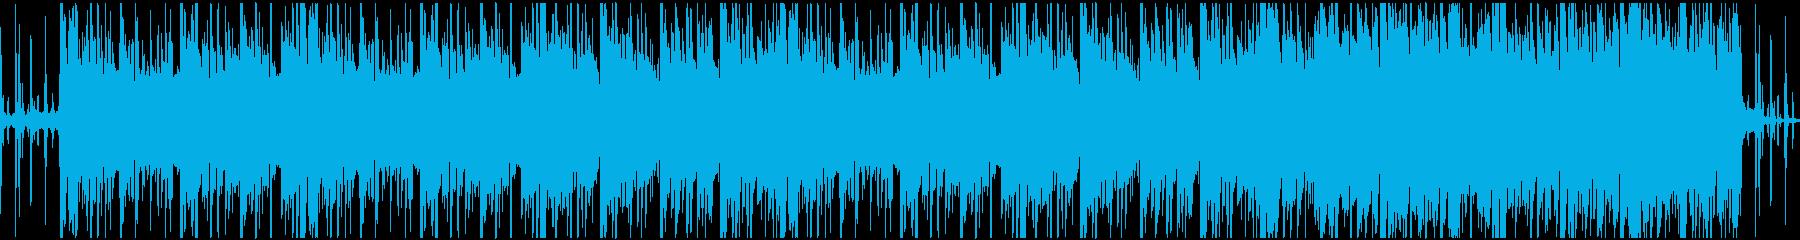 ミクスチャー系Hiphopループの再生済みの波形